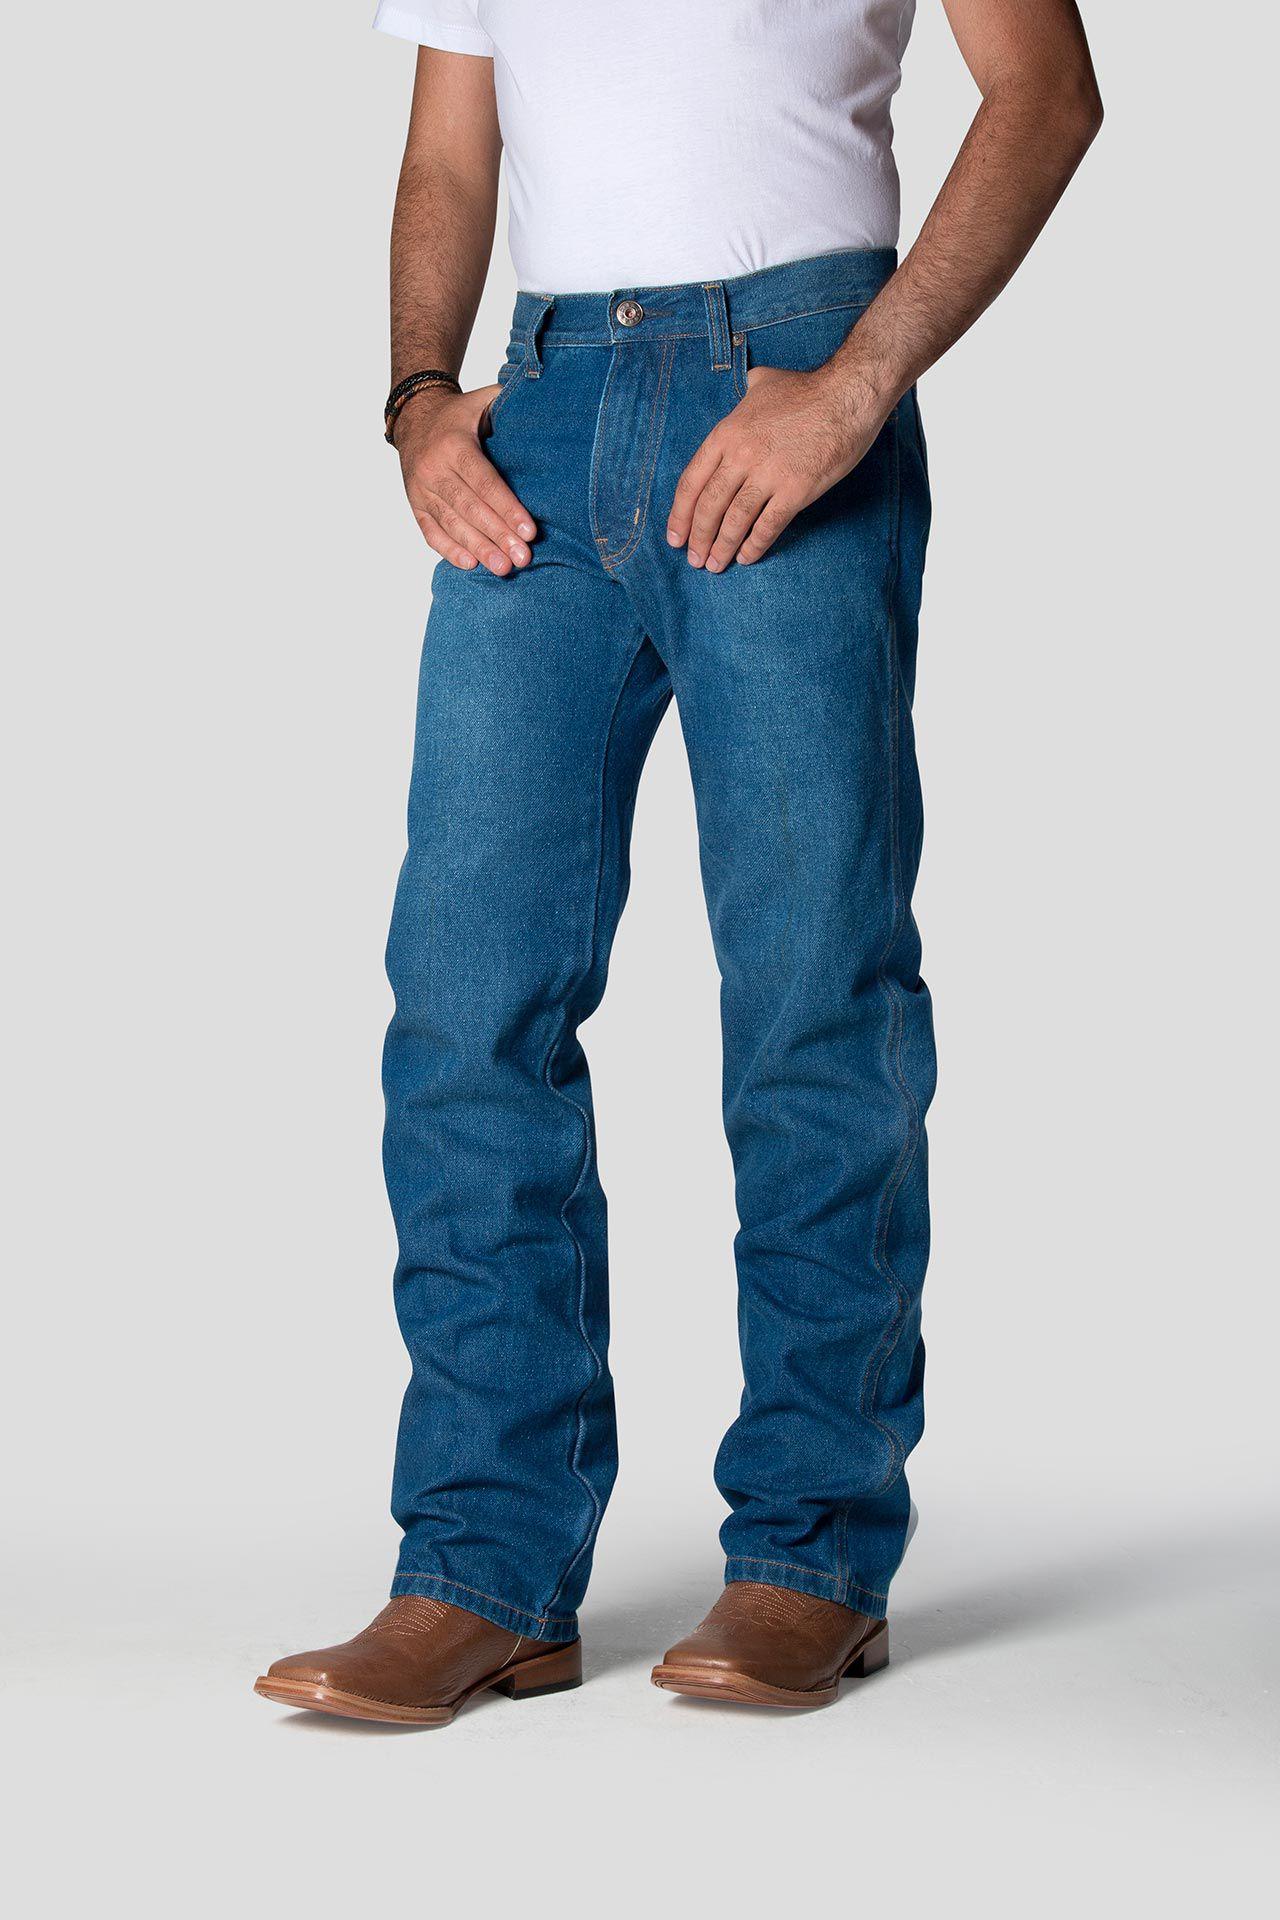 Calça Jeans TXC Masculina X2 USED